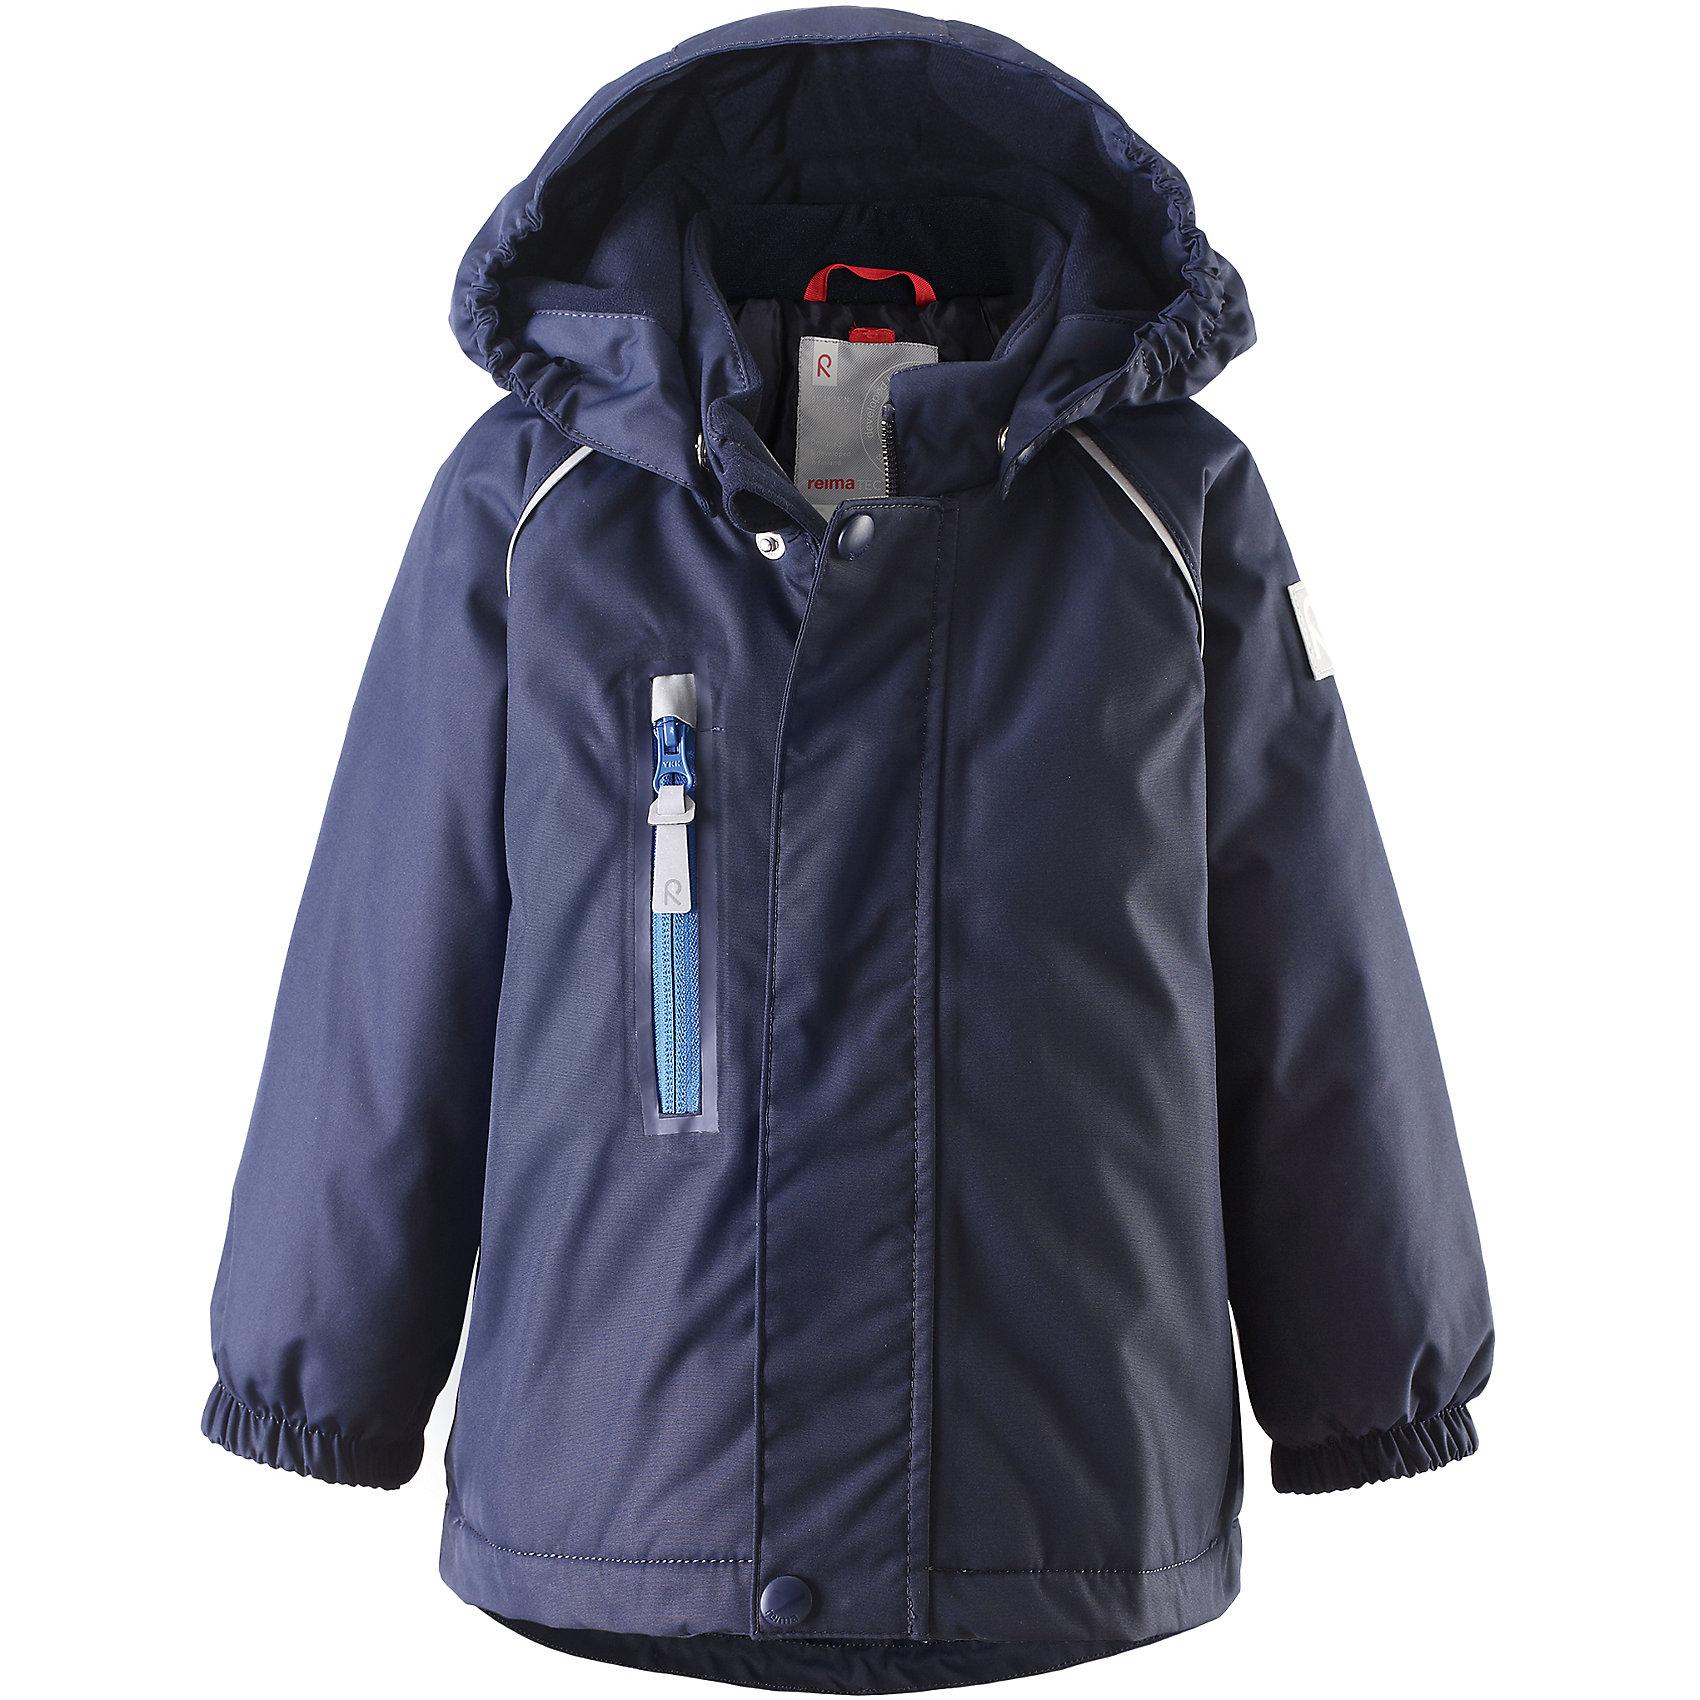 Куртка Pesue для девочки Reimatec® ReimaВерхняя одежда<br>Характеристики товара:<br><br>• цвет: синий<br>• состав: 100% полиэстер, полиуретановое покрытие<br>• температурный режим: 0° до -20° градусов<br>• утеплитель: Reima Comfort + 160 г<br>• водонепроницаемая мембрана: от 15000 мм<br>• основные швы проклеены<br>• съёмный капюшон<br>• молния<br>• светоотражающие детали<br>• «дышащий» материал<br>• ветро- водо- и грязеотталкивающий материал<br>• кнопки Reima® Play Layers <br>• карманы<br>• комфортная посадка<br>• страна производства: Китай<br>• страна бренда: Финляндия<br><br>Верхняя одежда для детей может быть модной и комфортной одновременно! Эти зимняя куртка поможет обеспечить ребенку комфорт и тепло. Она отлично смотрится с различной одеждой и обувью. Изделие удобно сидит и модно выглядит. Стильный дизайн разрабатывался специально для детей. Отличный вариант для активного отдыха зимой!<br><br>Одежда и обувь от финского бренда Reima пользуется популярностью во многих странах. Эти изделия стильные, качественные и удобные. Для производства продукции используются только безопасные, проверенные материалы и фурнитура. Порадуйте ребенка модными и красивыми вещами от Reima! <br><br>Куртку Pesue для девочки от финского бренда Reimatec® Reima (Рейма) можно купить в нашем интернет-магазине.<br><br>Ширина мм: 356<br>Глубина мм: 10<br>Высота мм: 245<br>Вес г: 519<br>Цвет: синий<br>Возраст от месяцев: 24<br>Возраст до месяцев: 36<br>Пол: Унисекс<br>Возраст: Детский<br>Размер: 98,80,86,92<br>SKU: 5415440